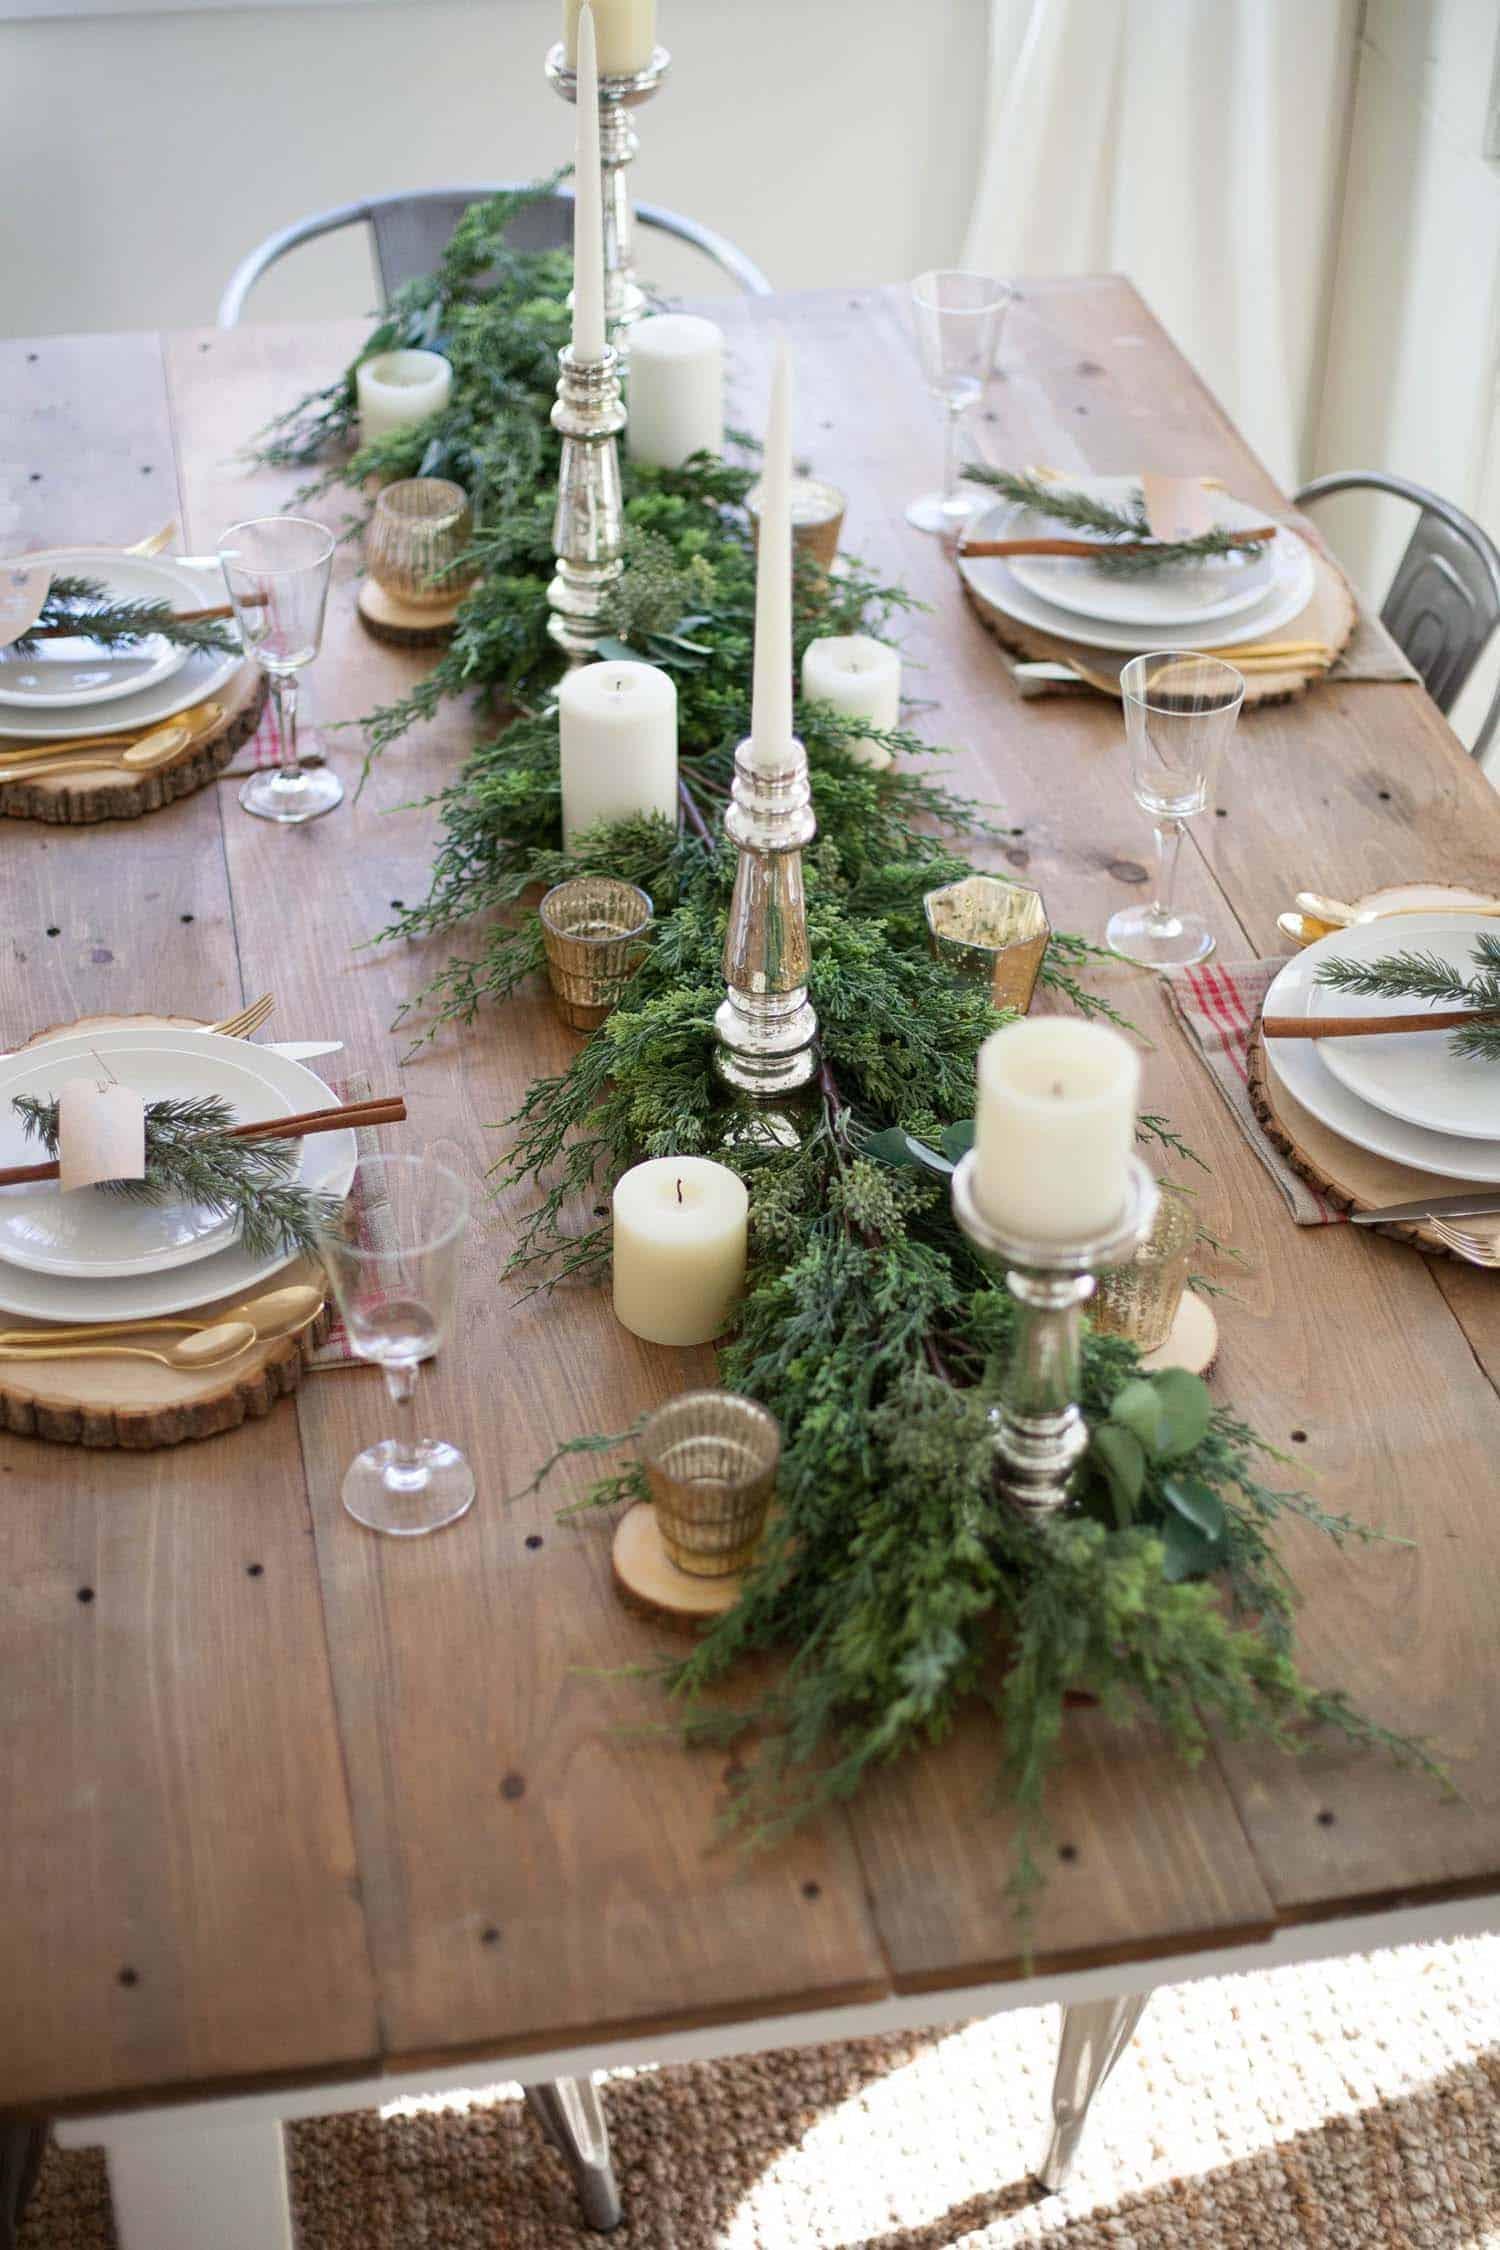 33 inspiring christmas decor ideas to